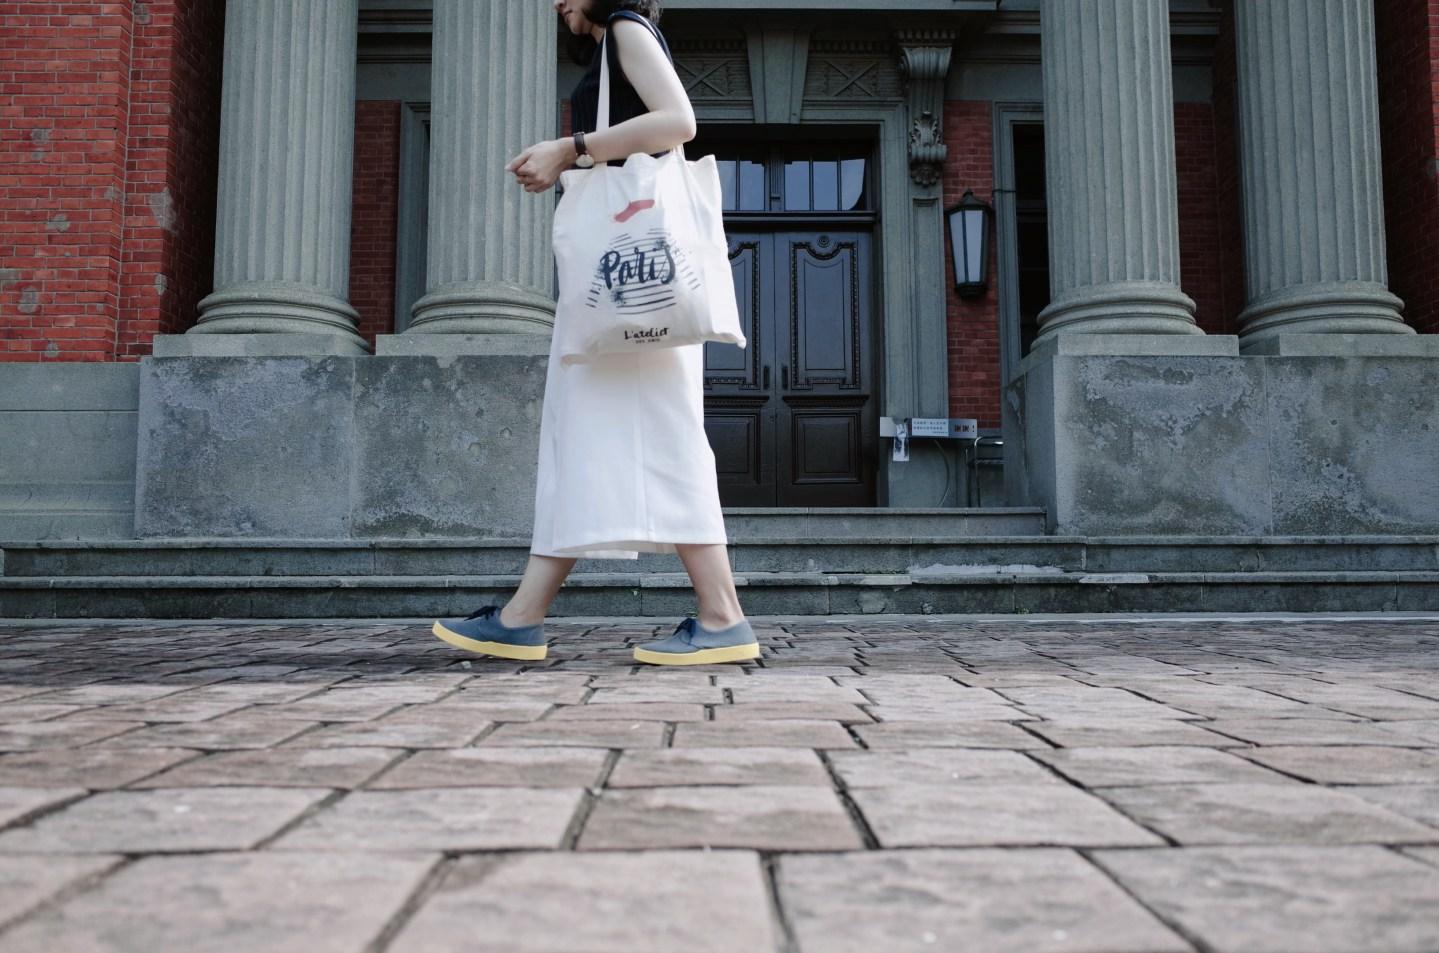 Material Girl|The Handmade Derby: OLI 13 from Spain 西班牙手工帆布鞋 OLI 13